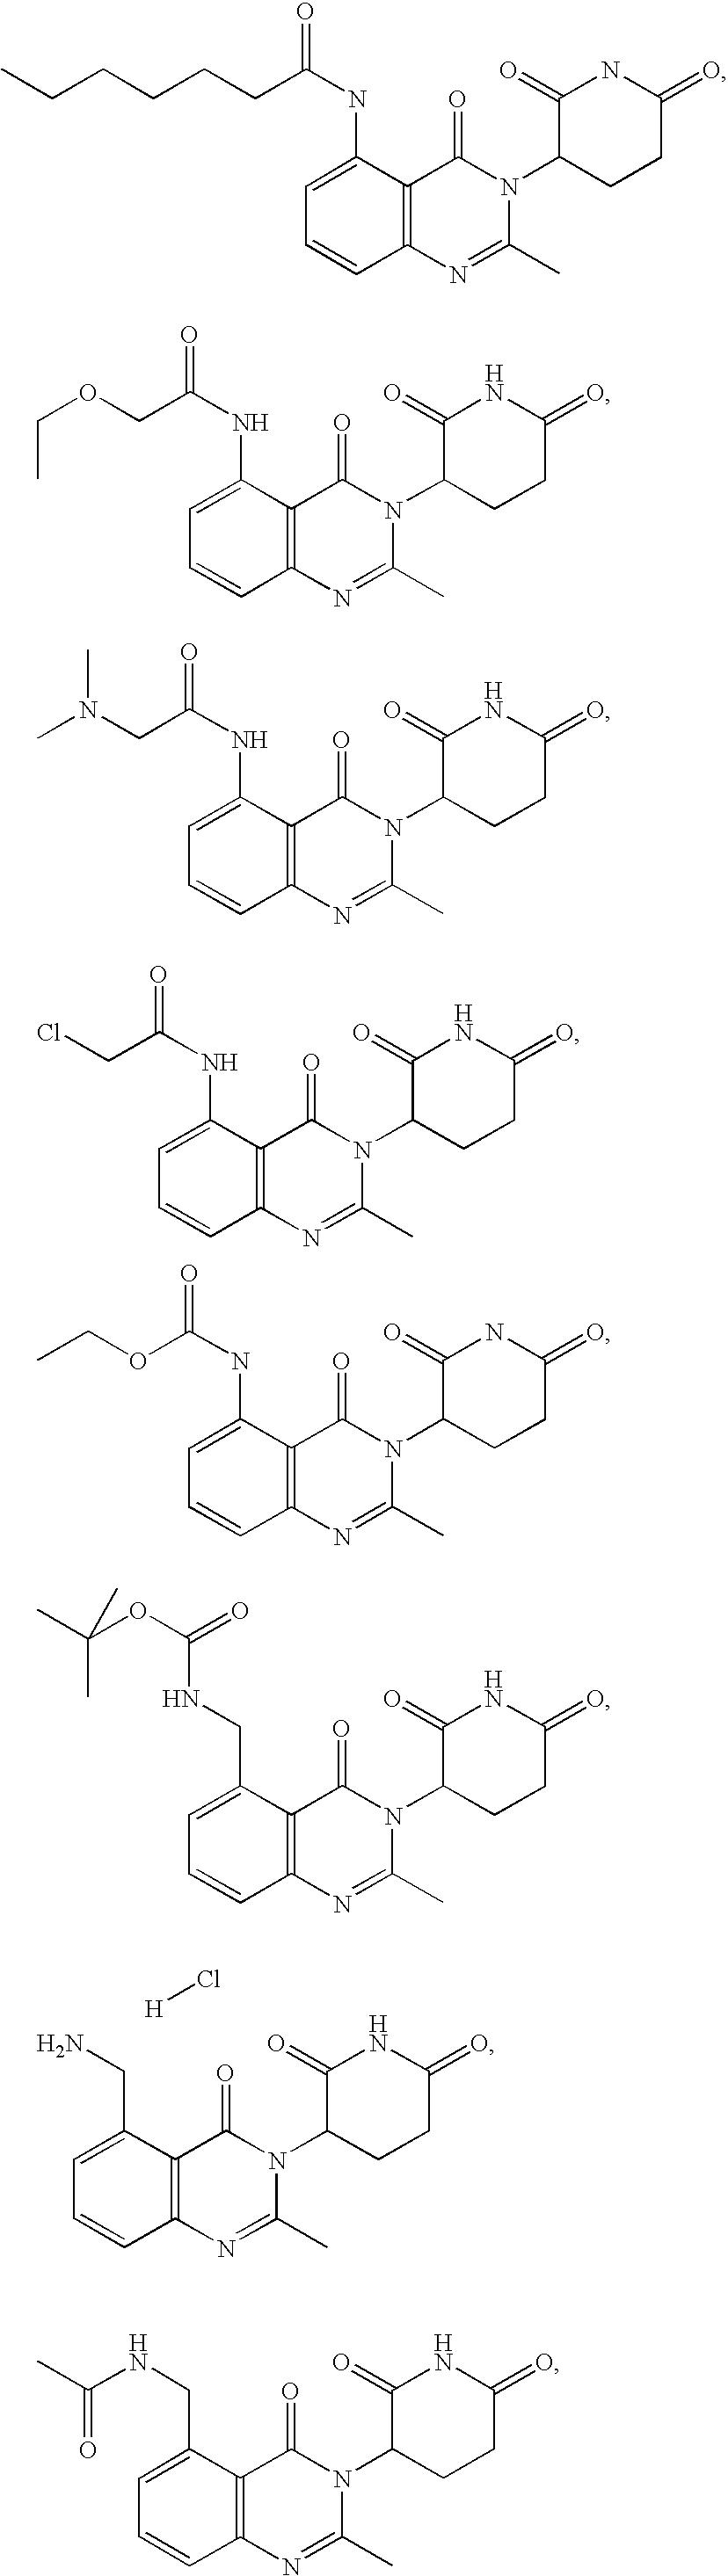 Figure US07635700-20091222-C00008